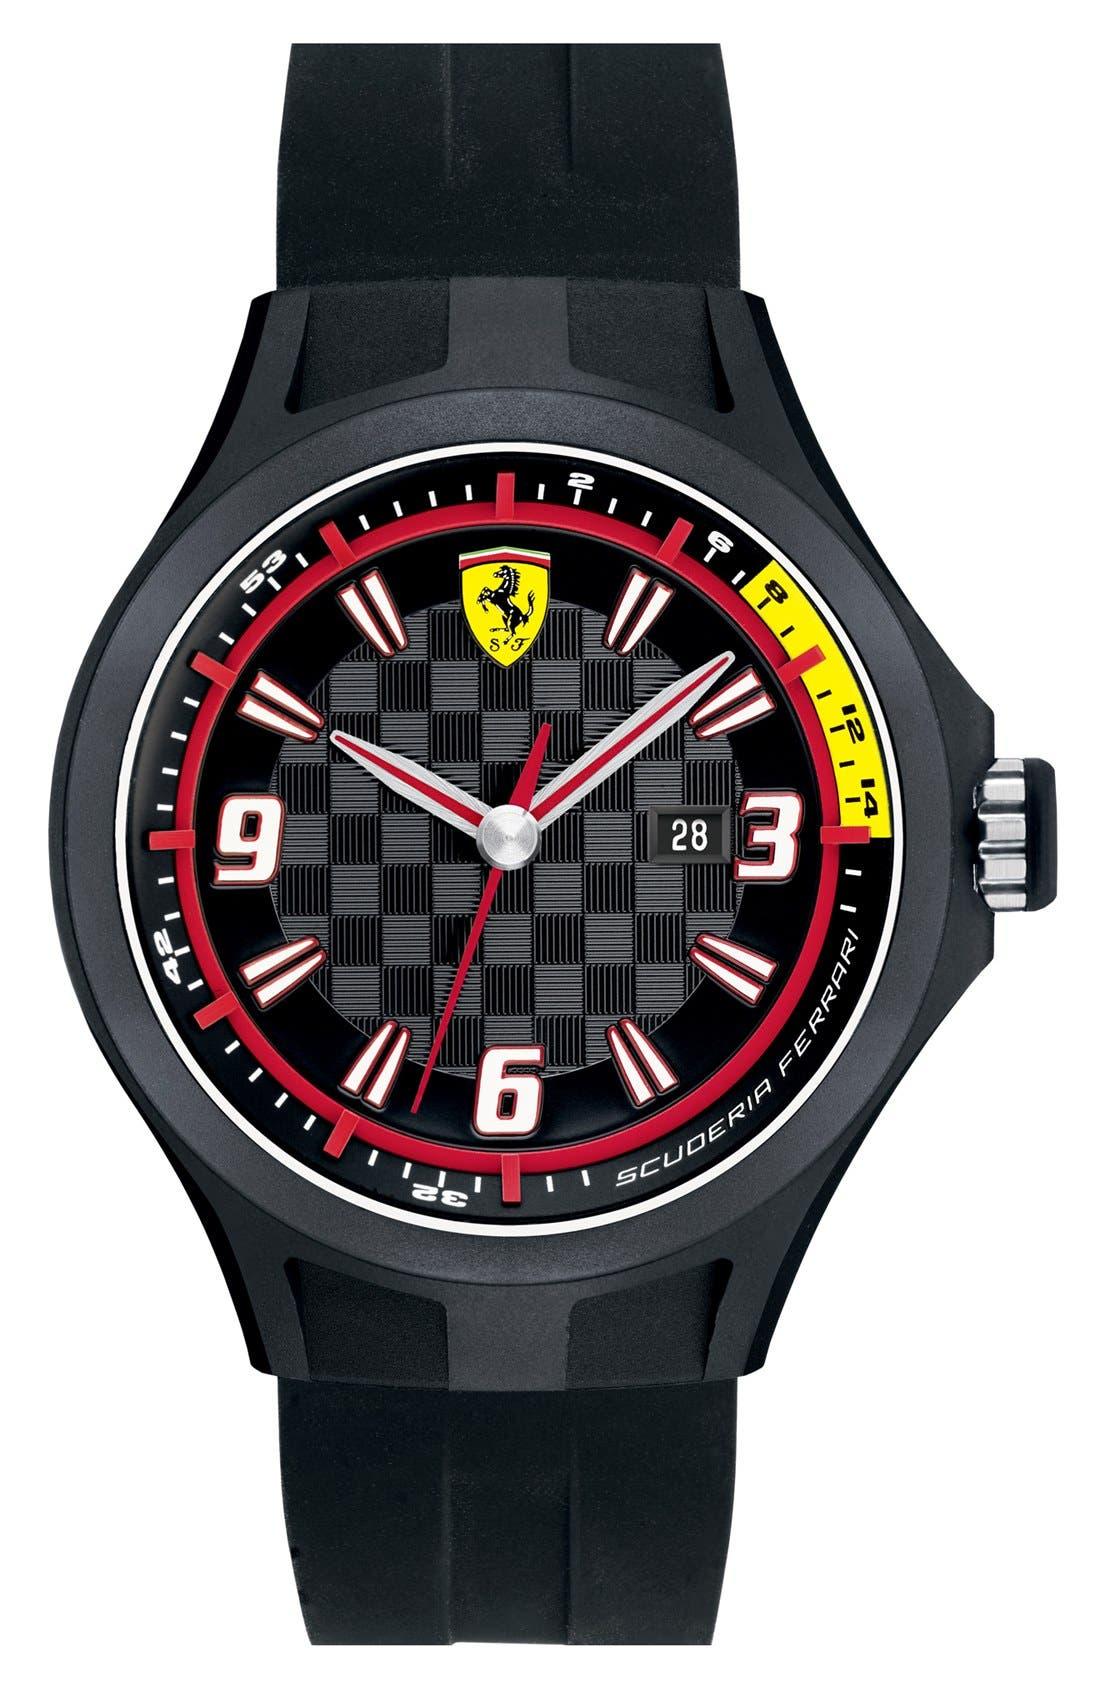 Alternate Image 1 Selected - Scuderia Ferrari 'Pit Crew' Silicone Strap Watch, 44mm